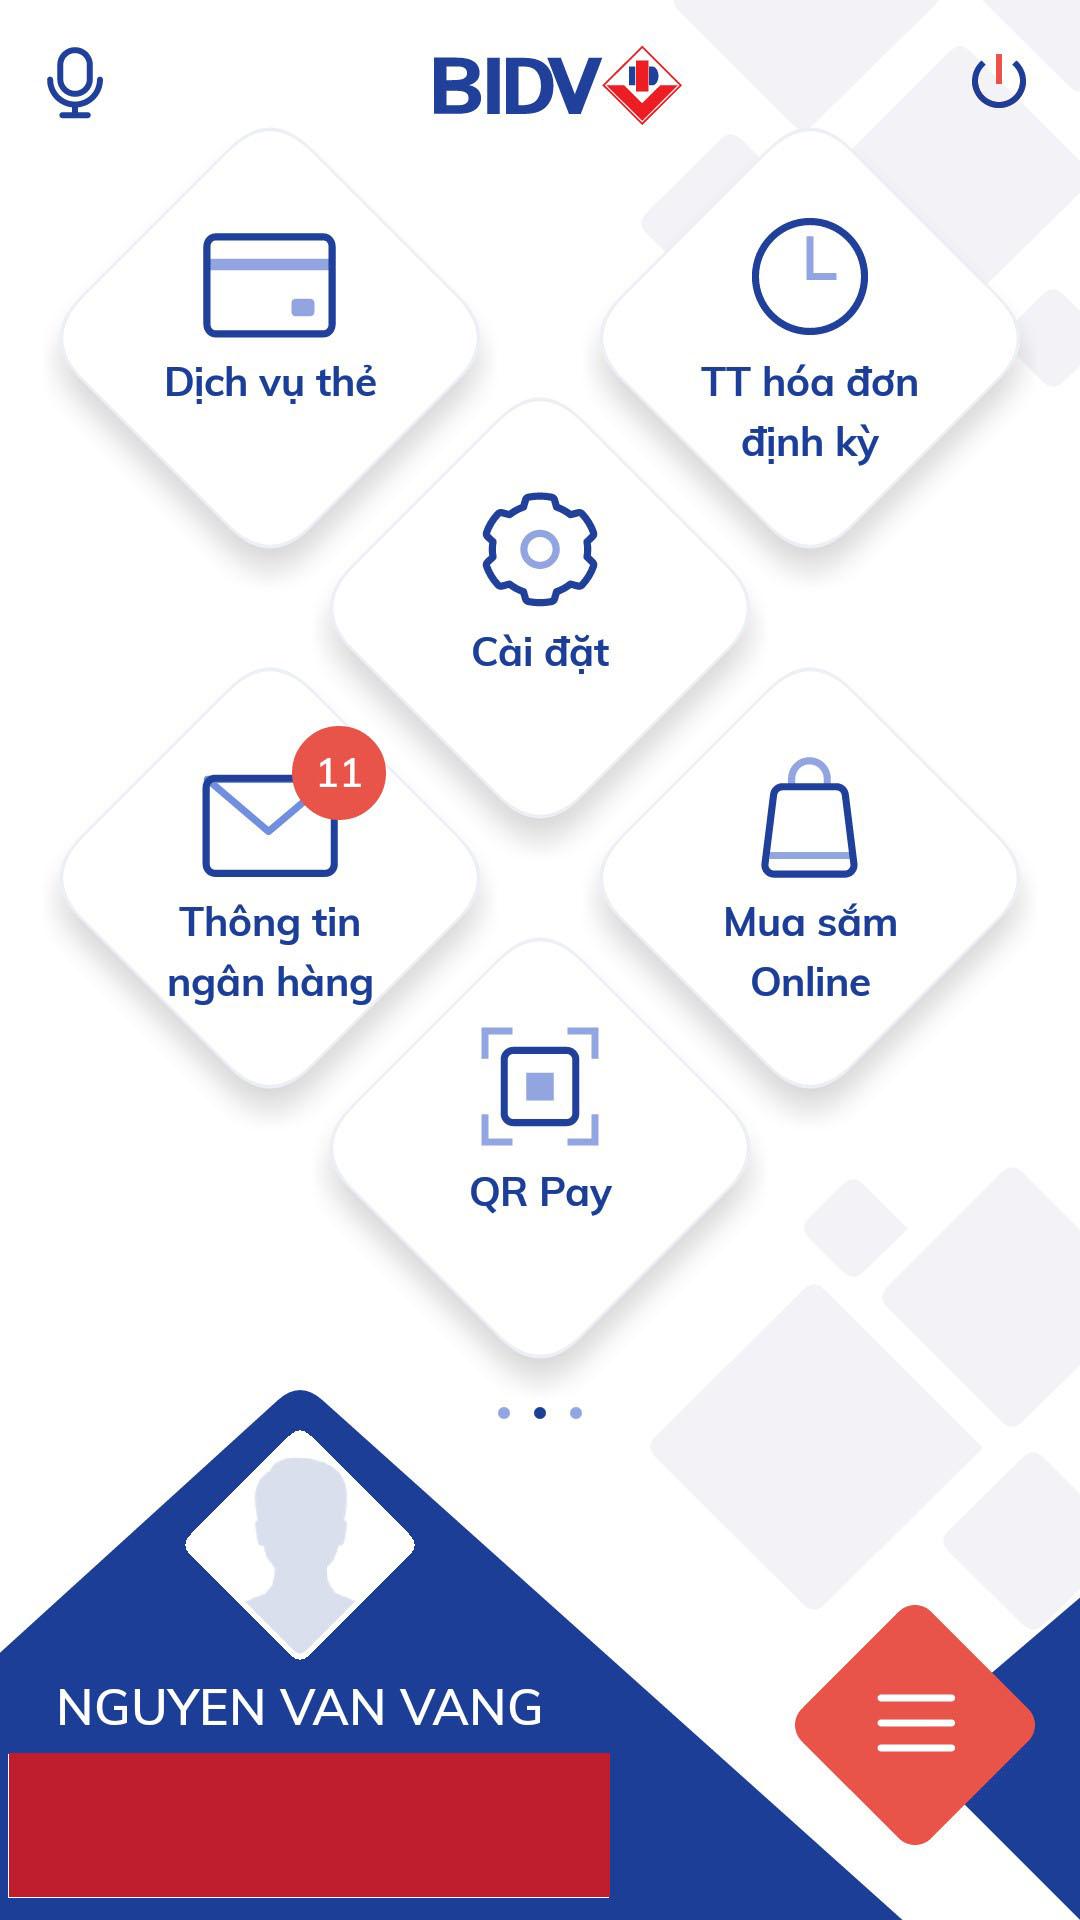 Các bước thanh toán bằng QR Pay (Qr Code) trên ứng dụng Mobile Banking